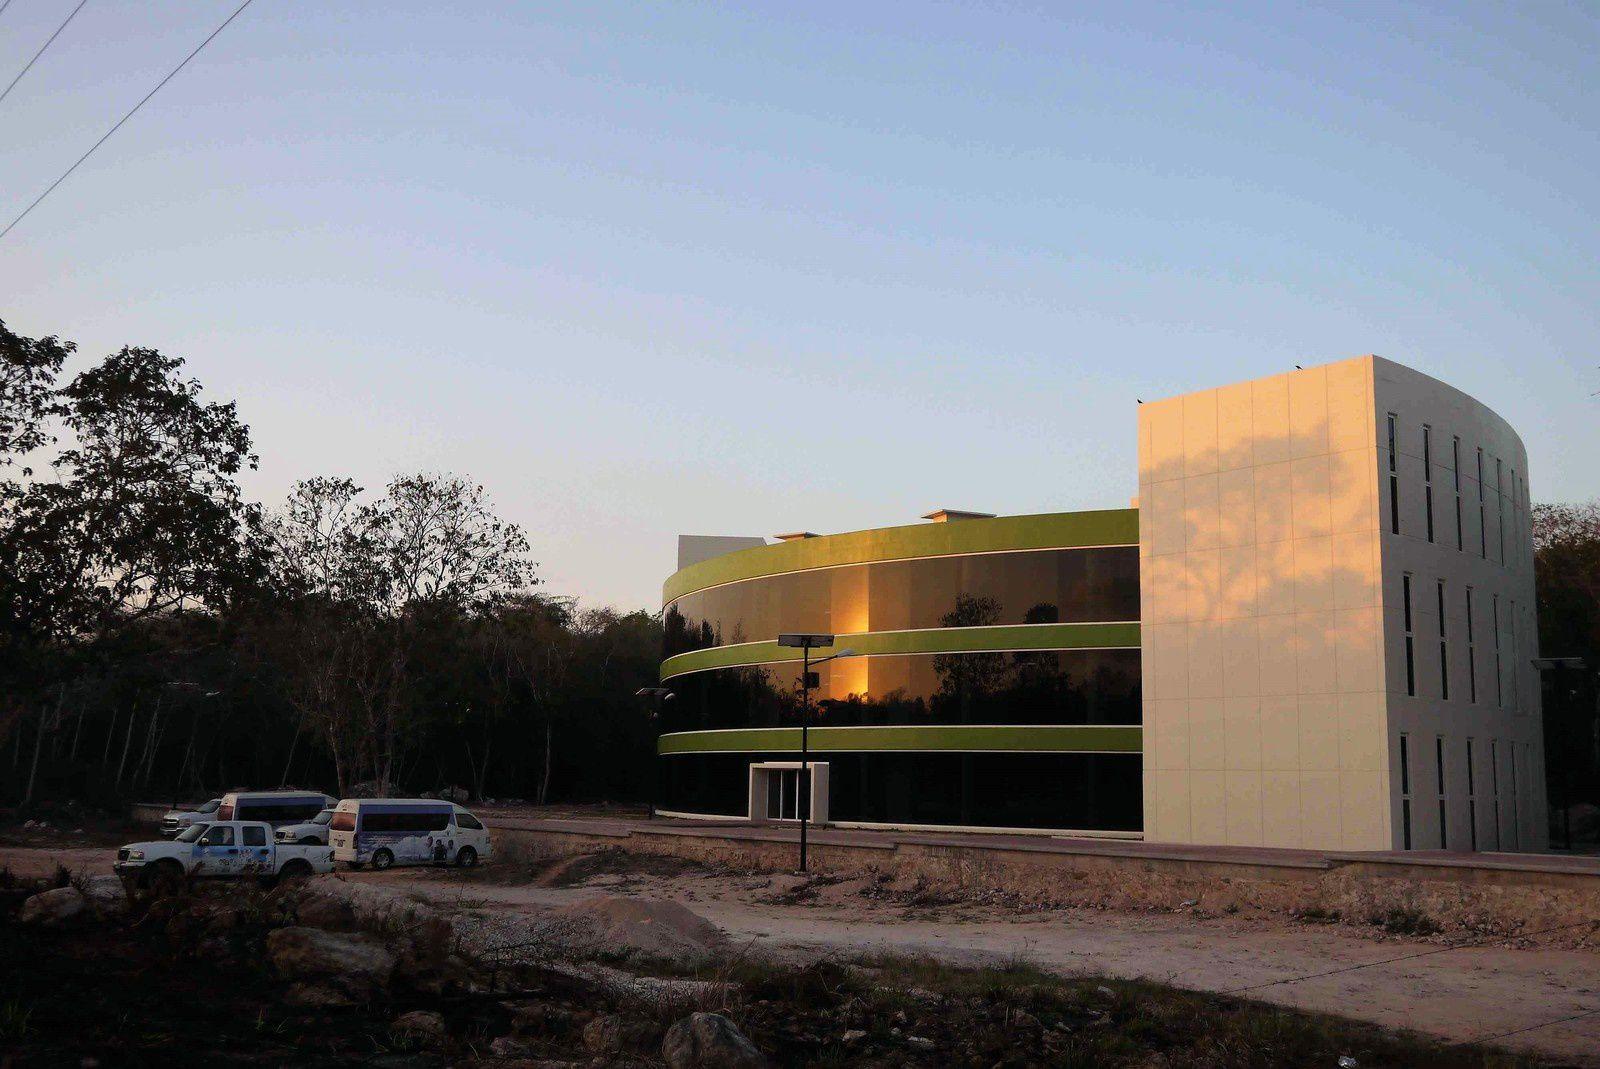 La toute neuve « Universitad » de Morelos, déjà 5 km, les premiers rayons du soleil arrivent.